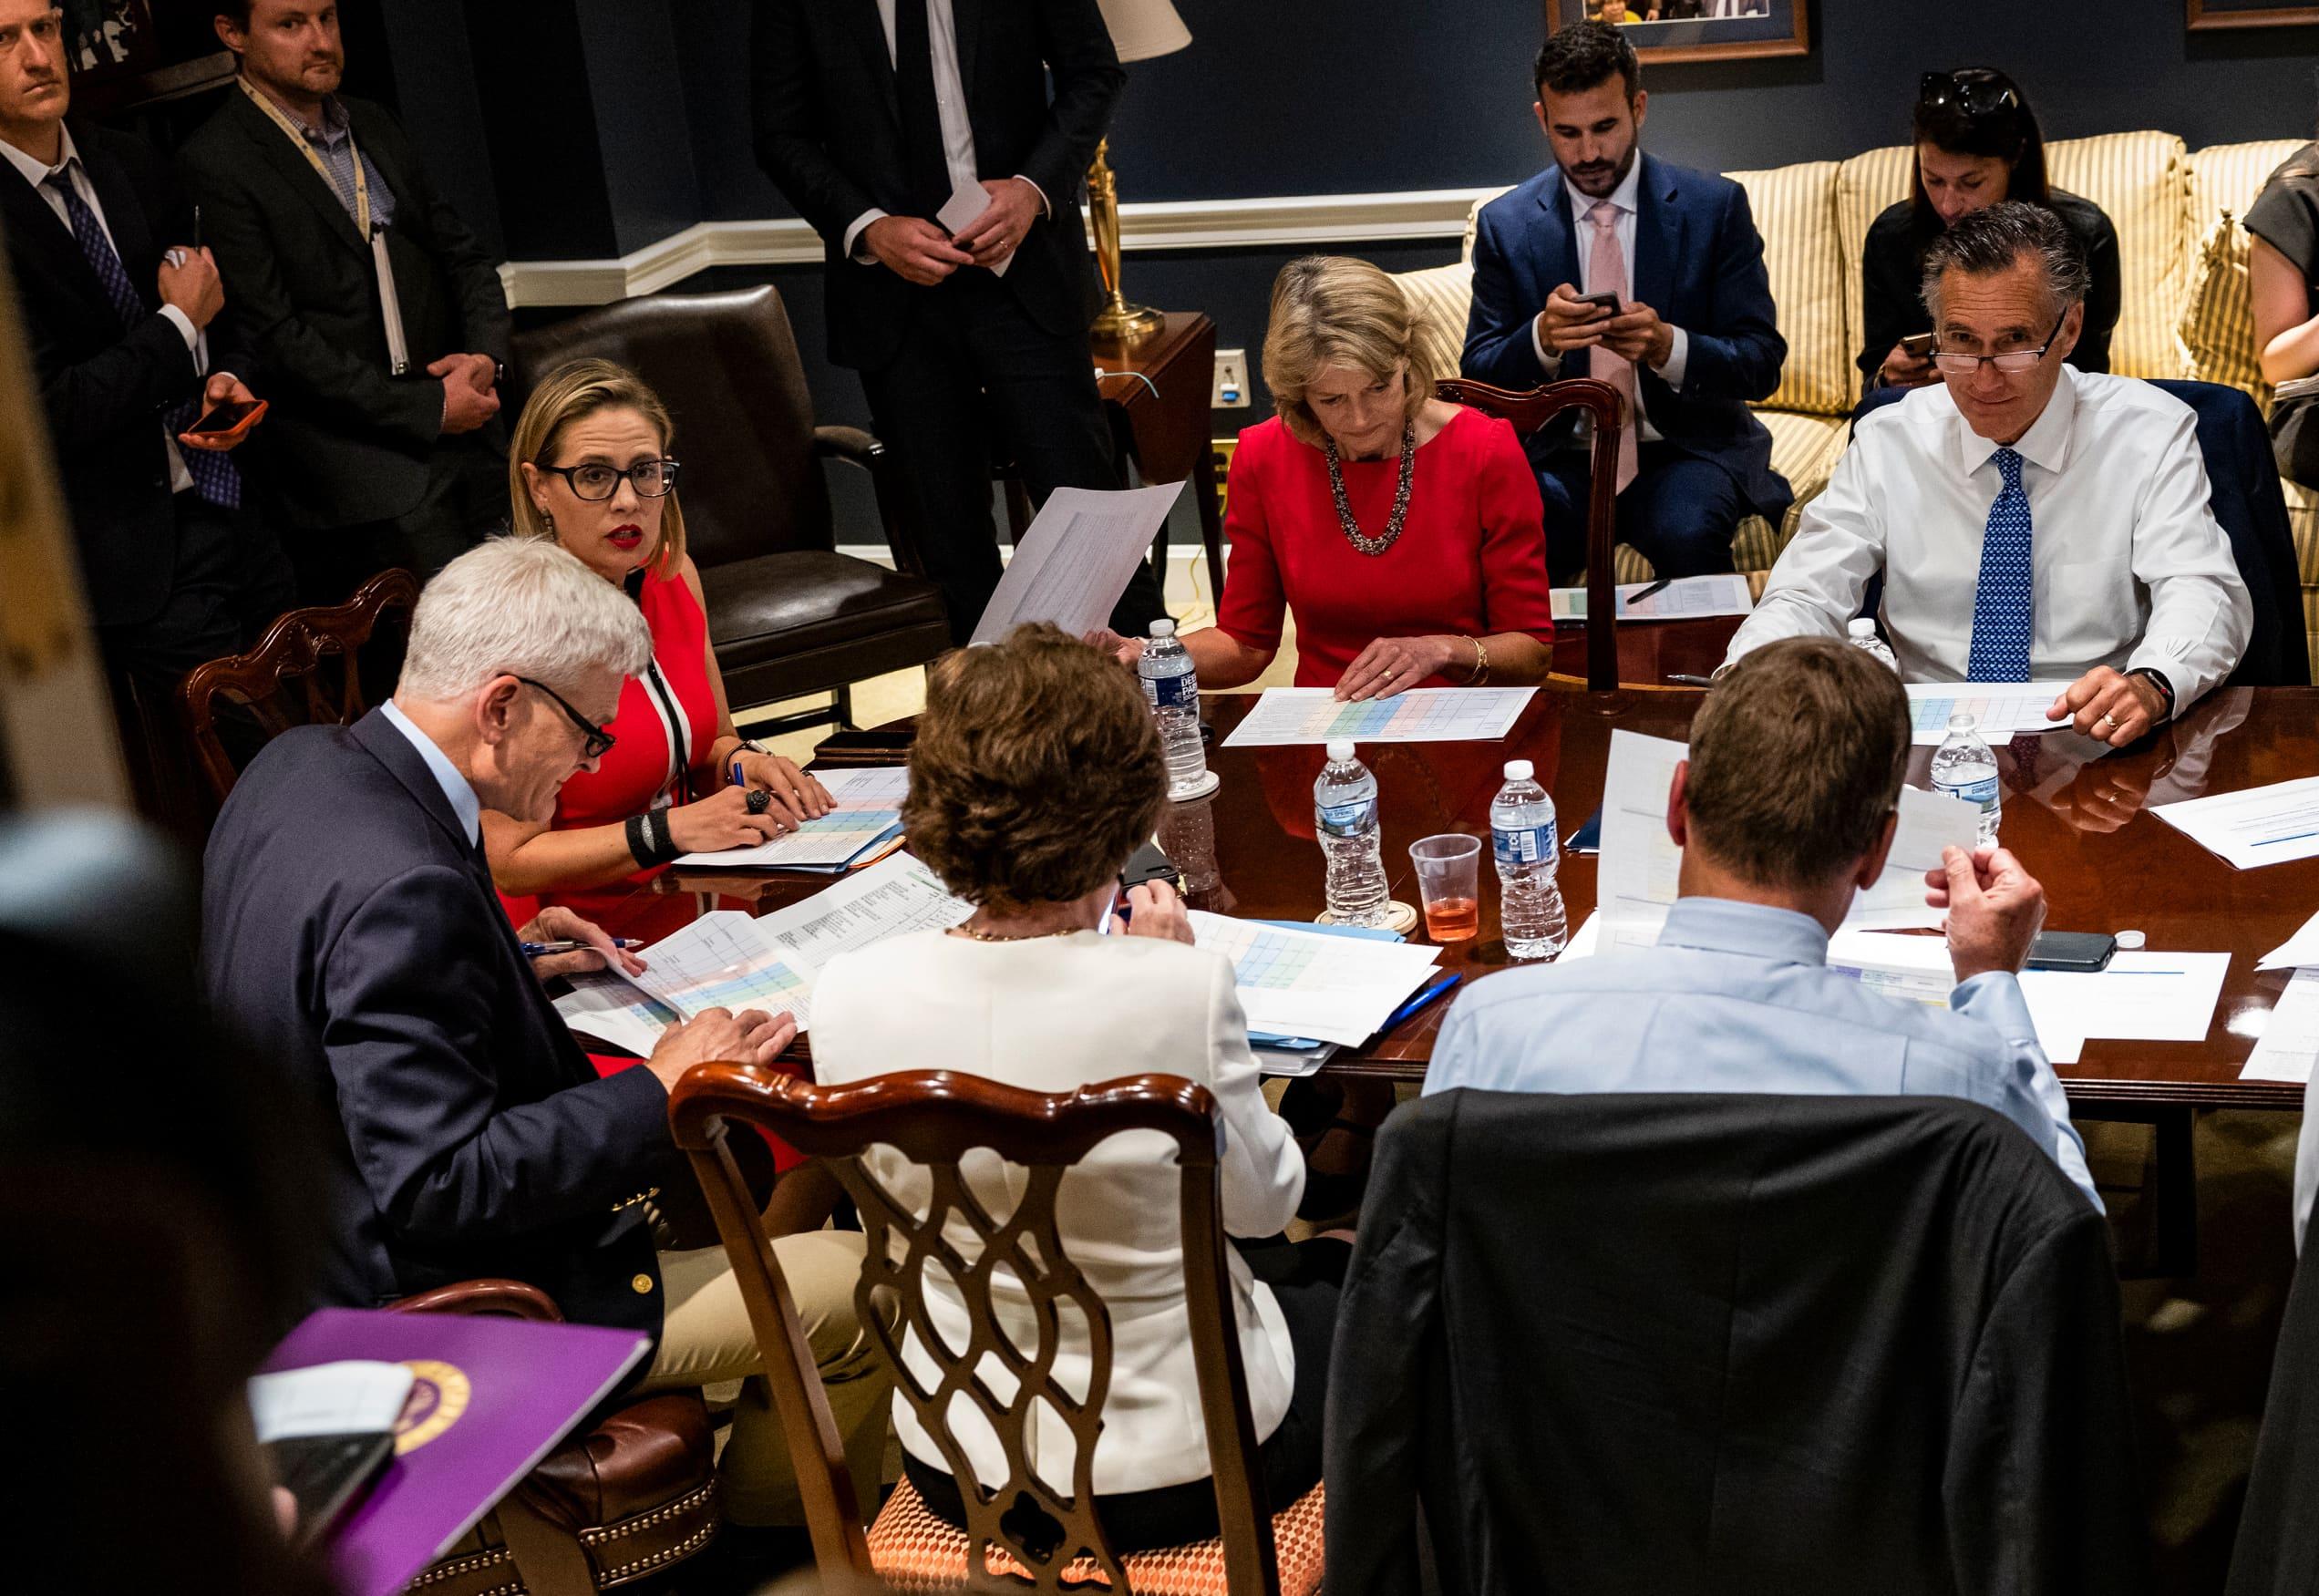 El grupo bipartidista del Senado llega a un acuerdo de infraestructura sin aumentos de impuestos, pero los líderes aún deben firmar